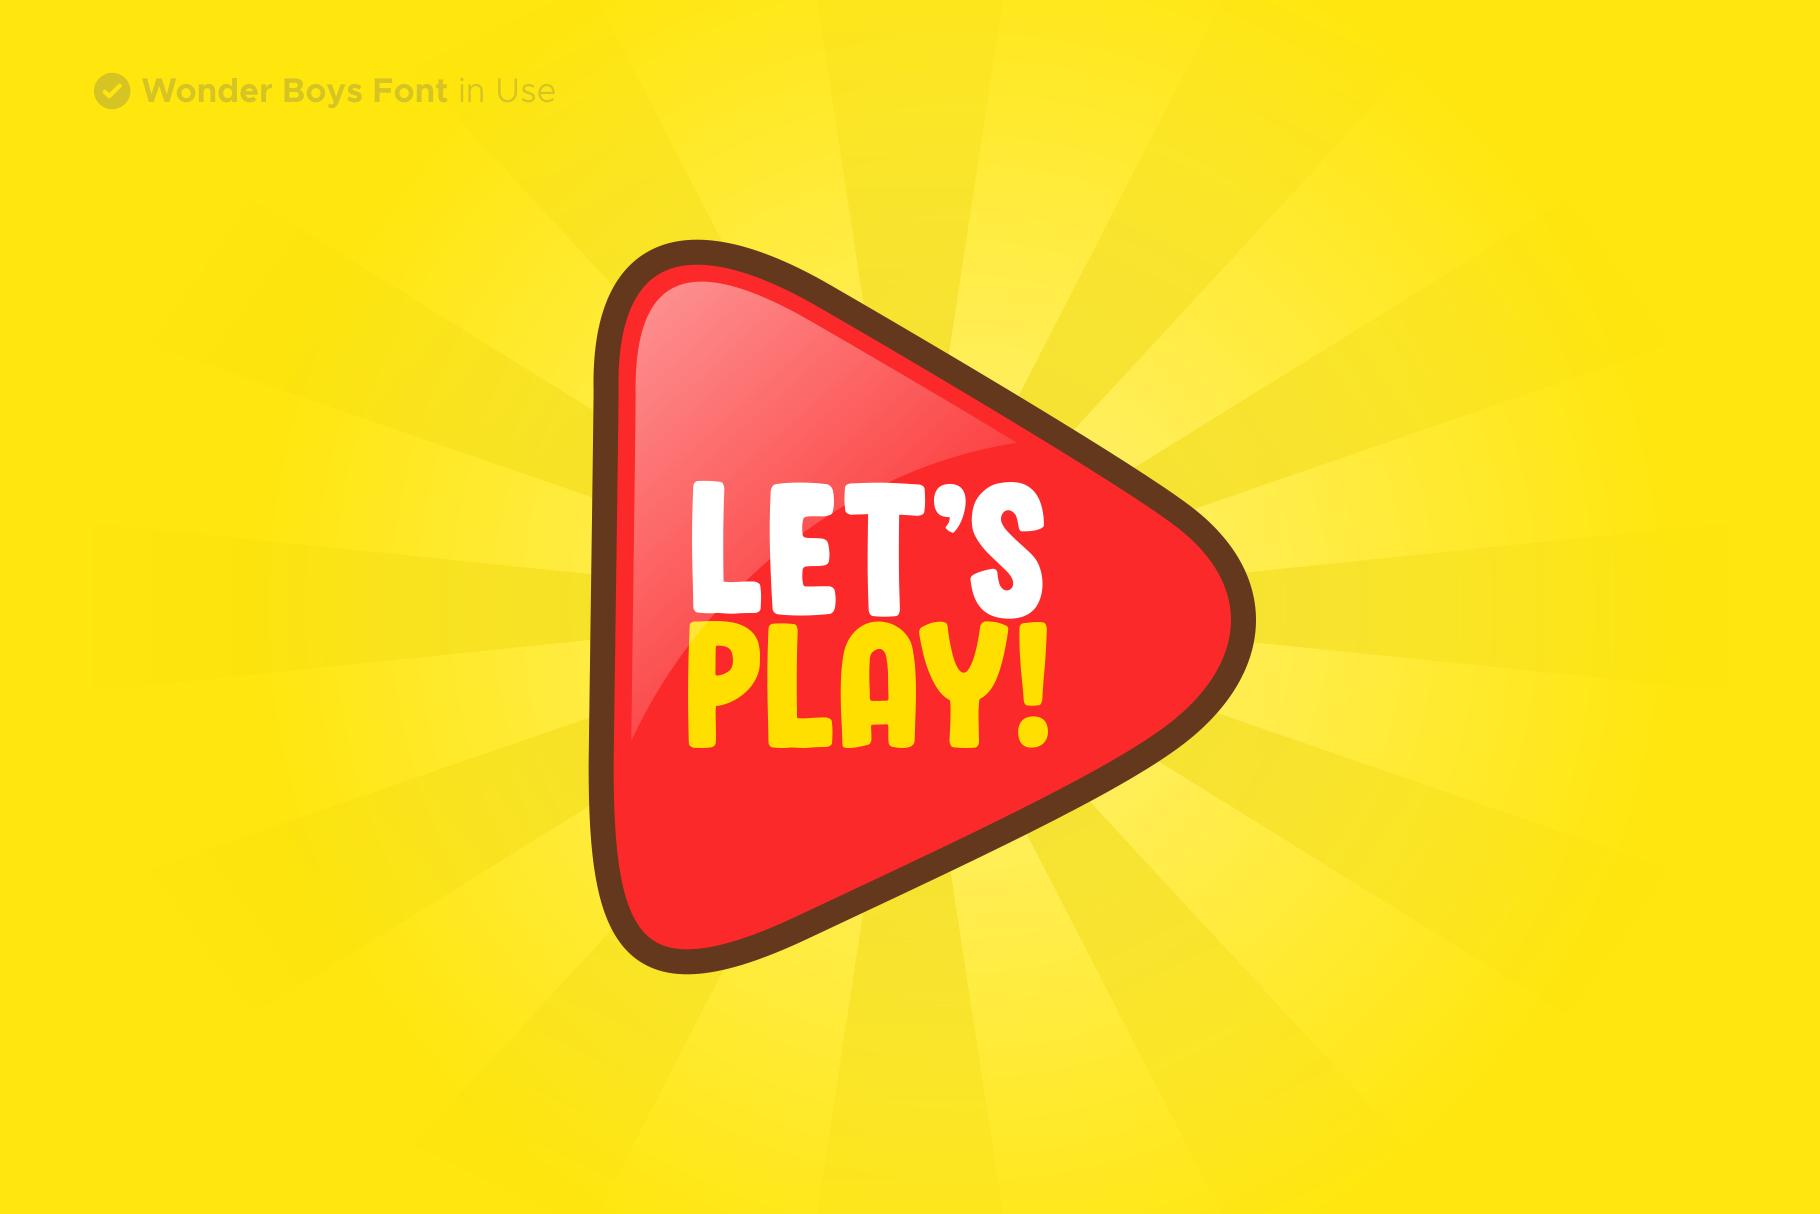 Wonder Boys - Fun Kids Font Display example image 6